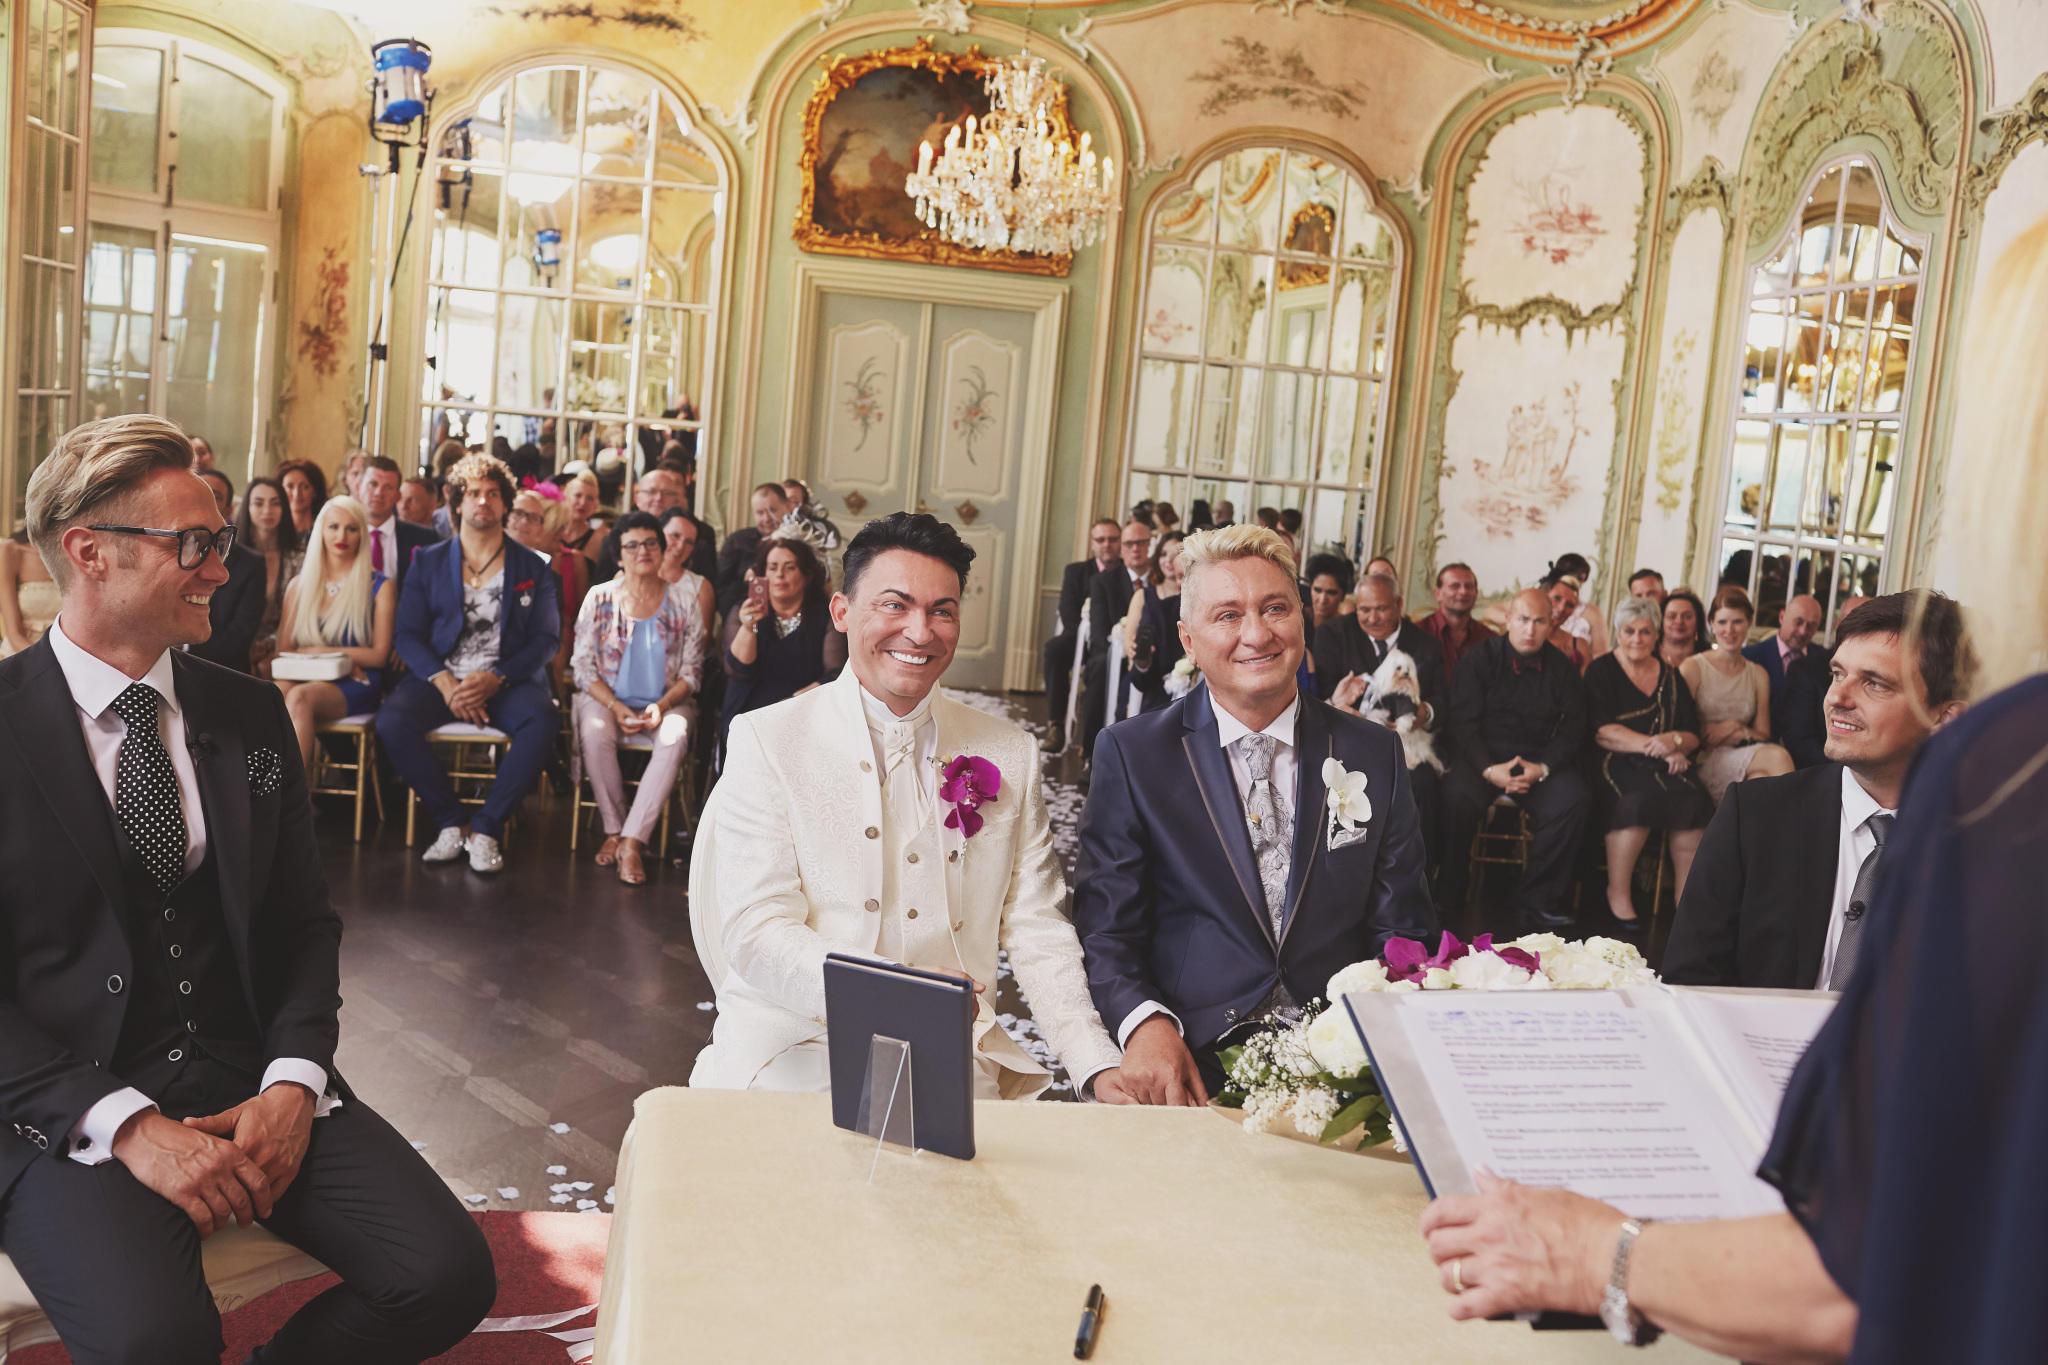 Hubert Und Matthias Die Hochzeit  Hubert und Matthias So romantisch was das Ja Wort